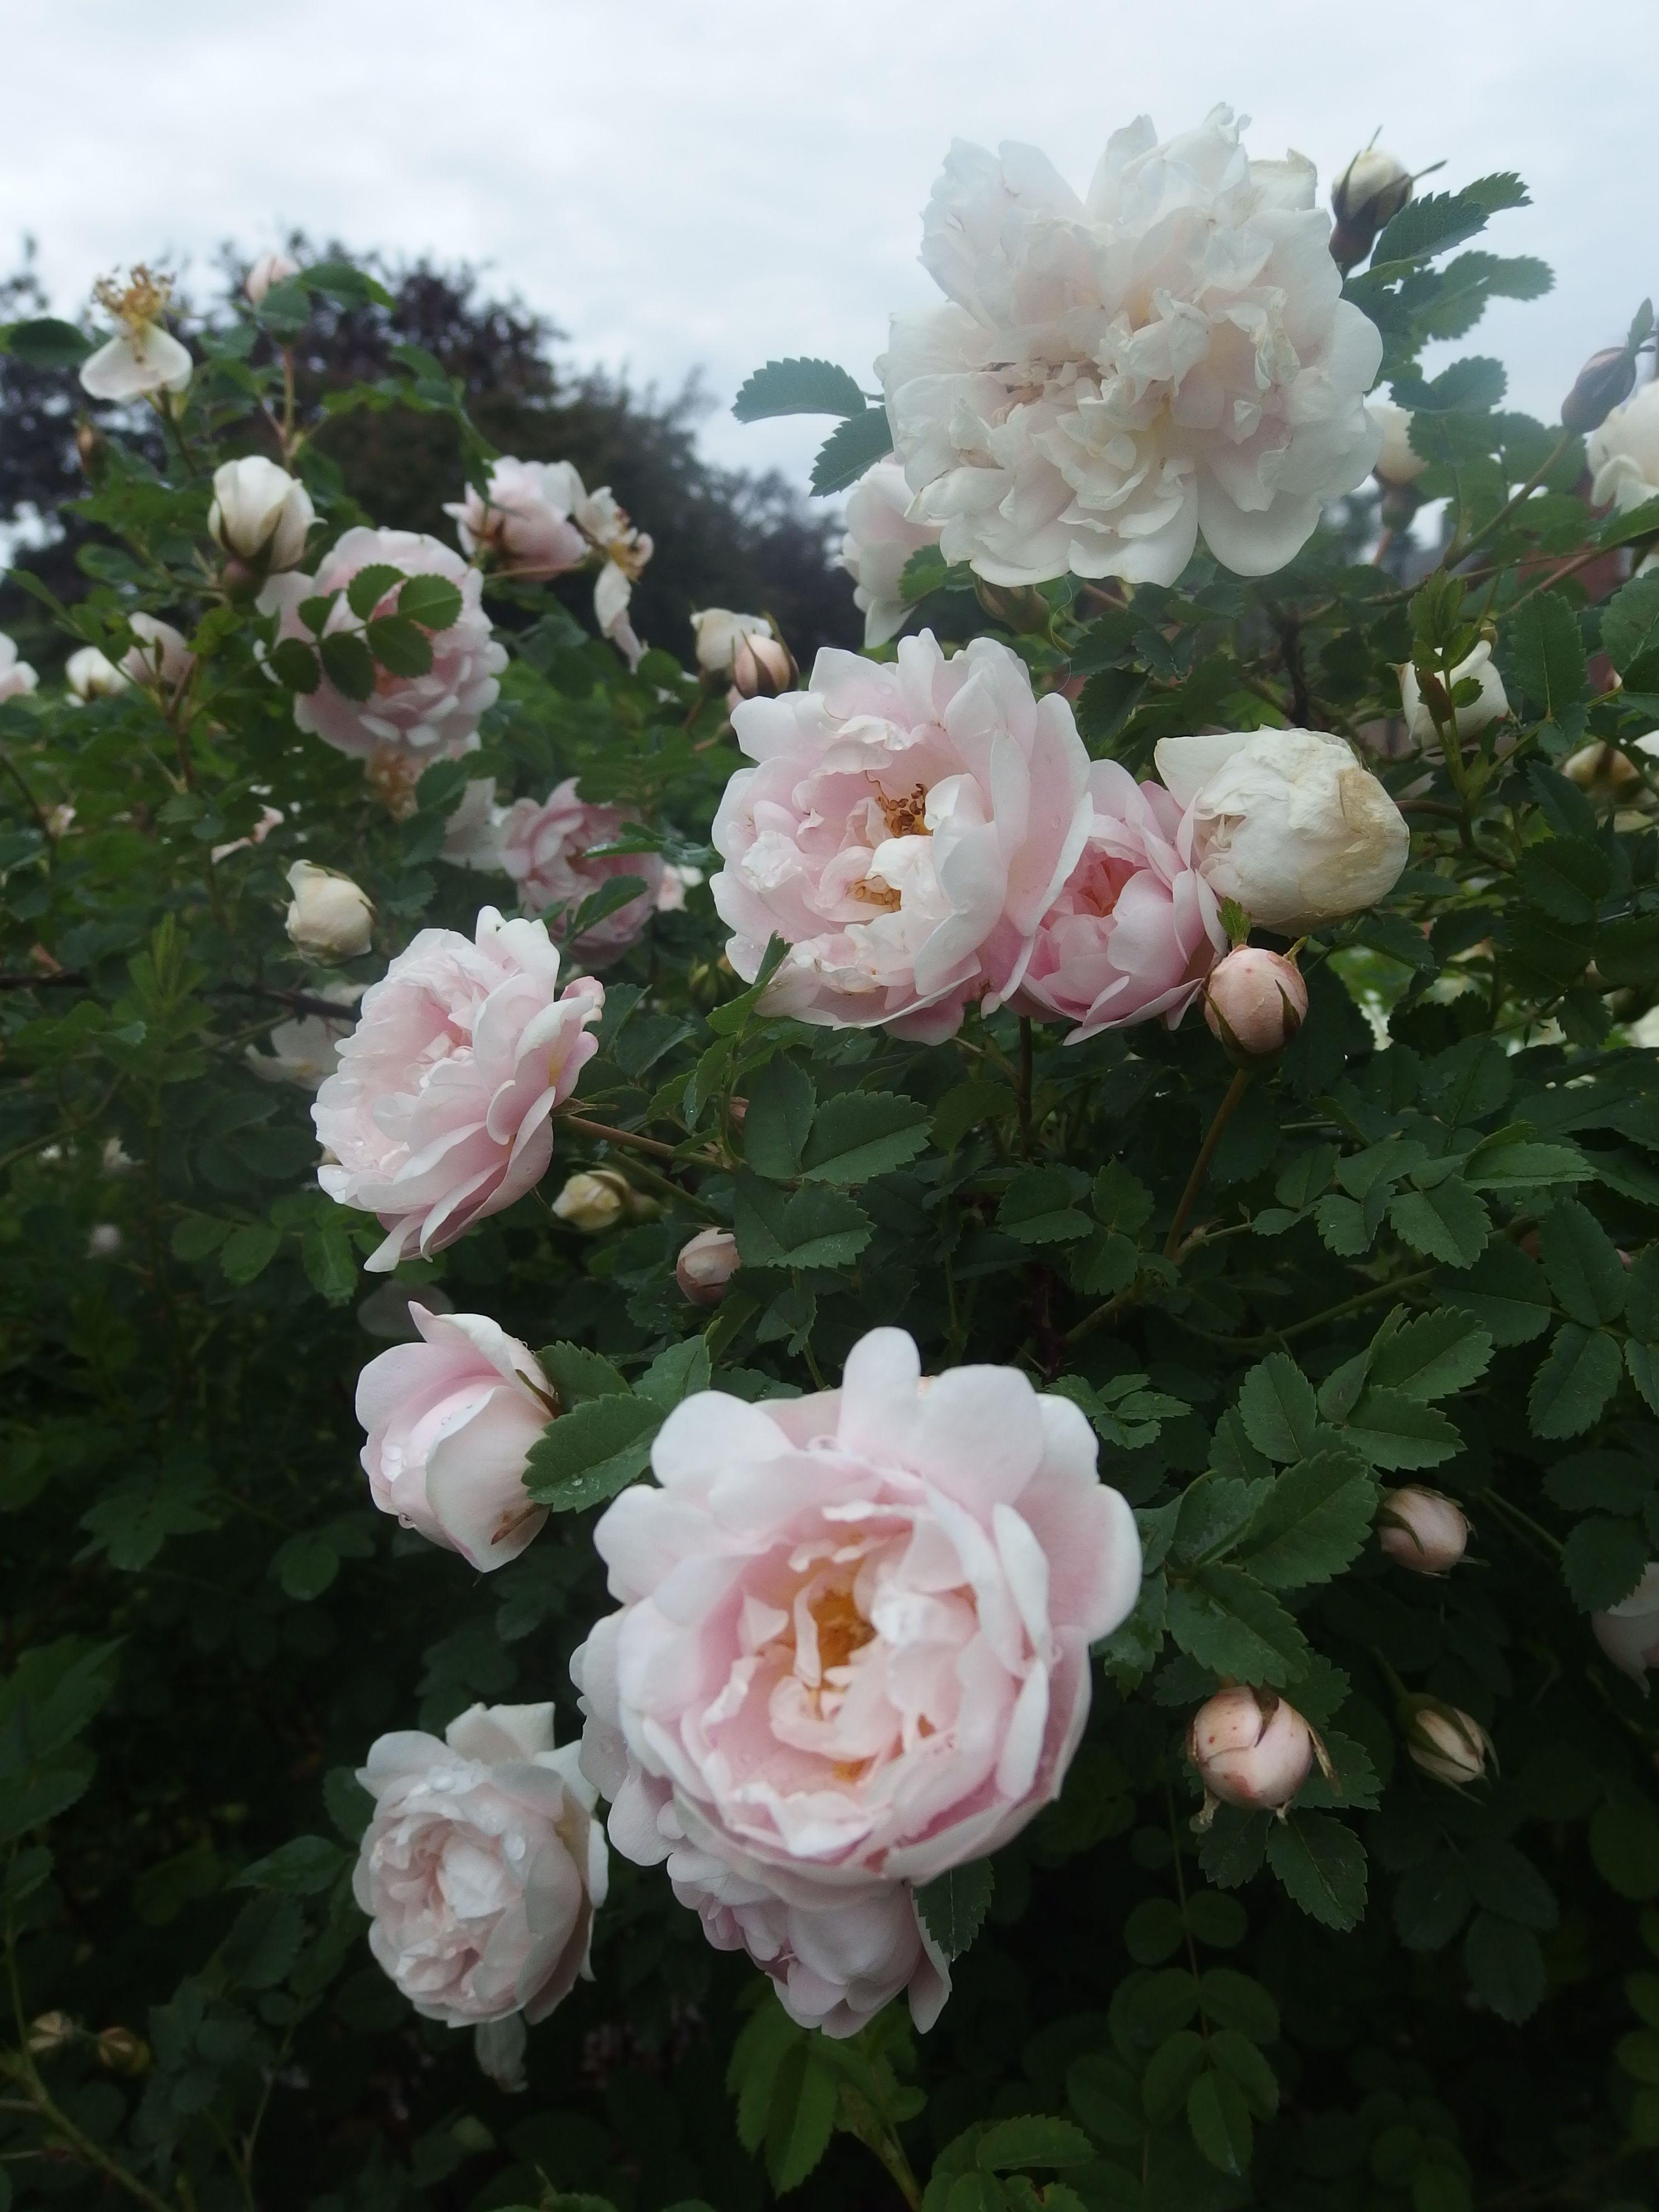 Kaunis vaaleanpunainen ruusu